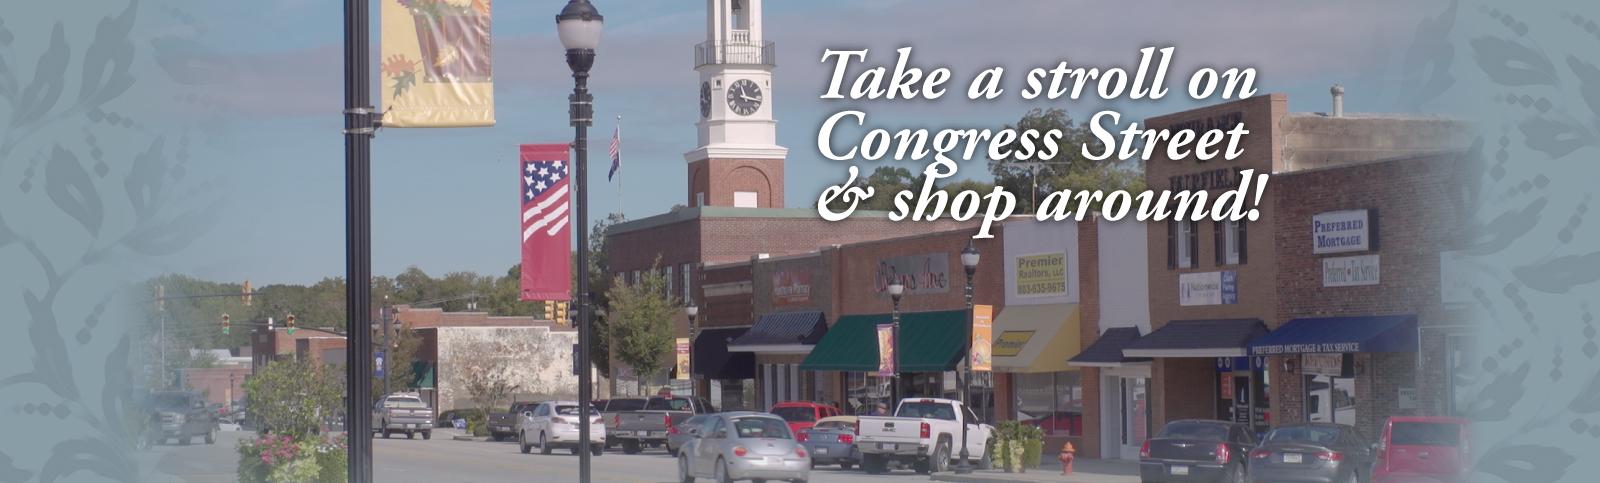 CongressStreet